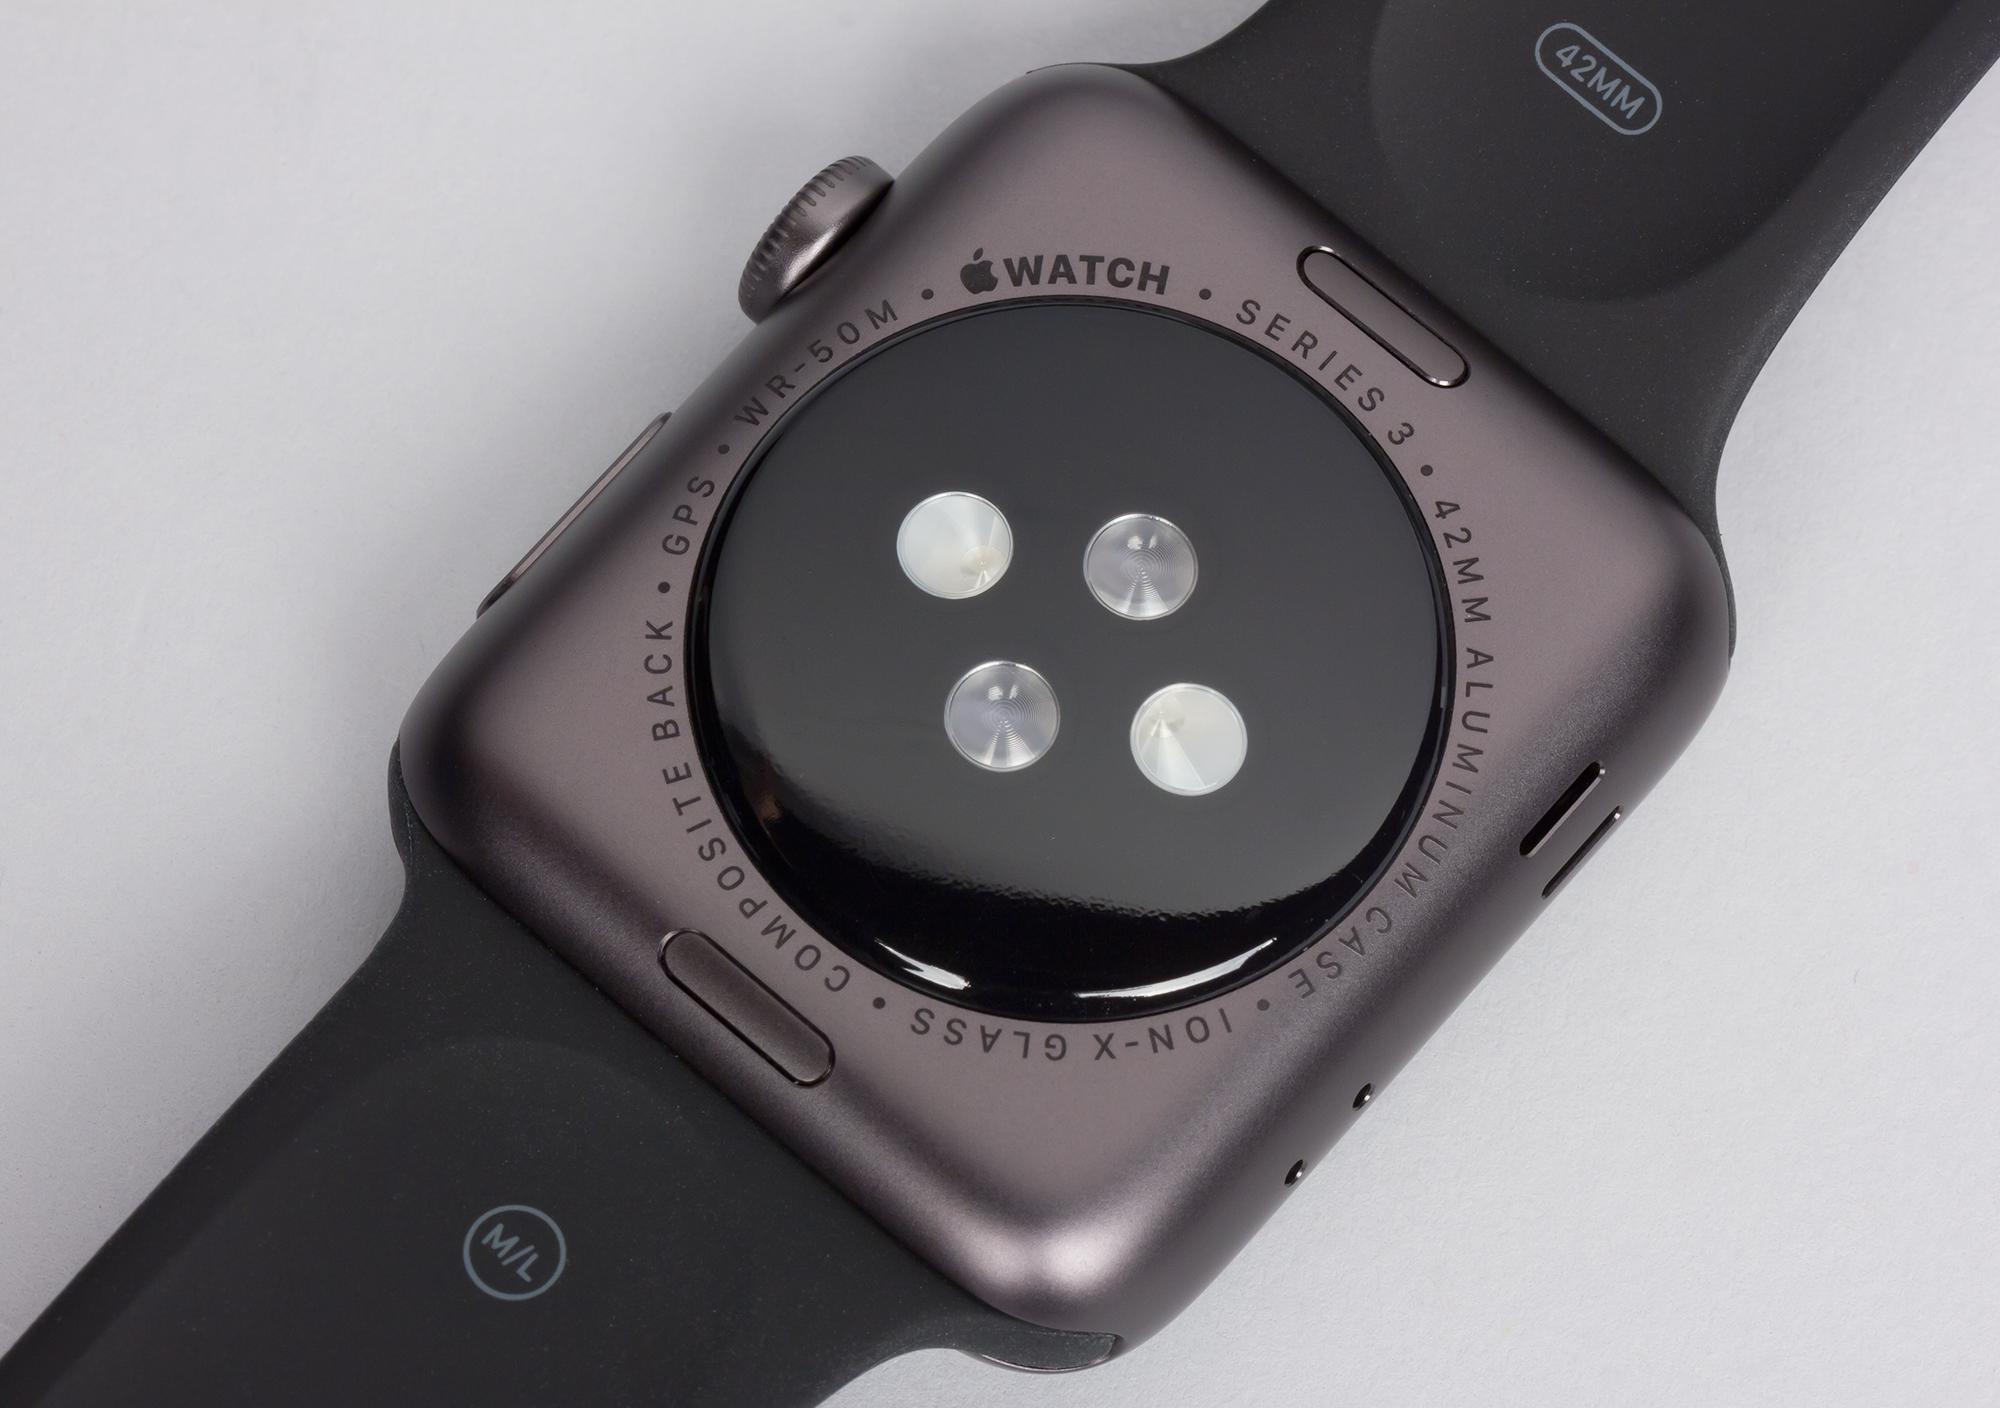 0bd38ffc90ac Толщина новинки — такая же, как у Apple Watch Series 2, что на миллиметр  больше, чем у первых Apple Watch и объясняется, видимо, усиленной  влагозащитой и ...